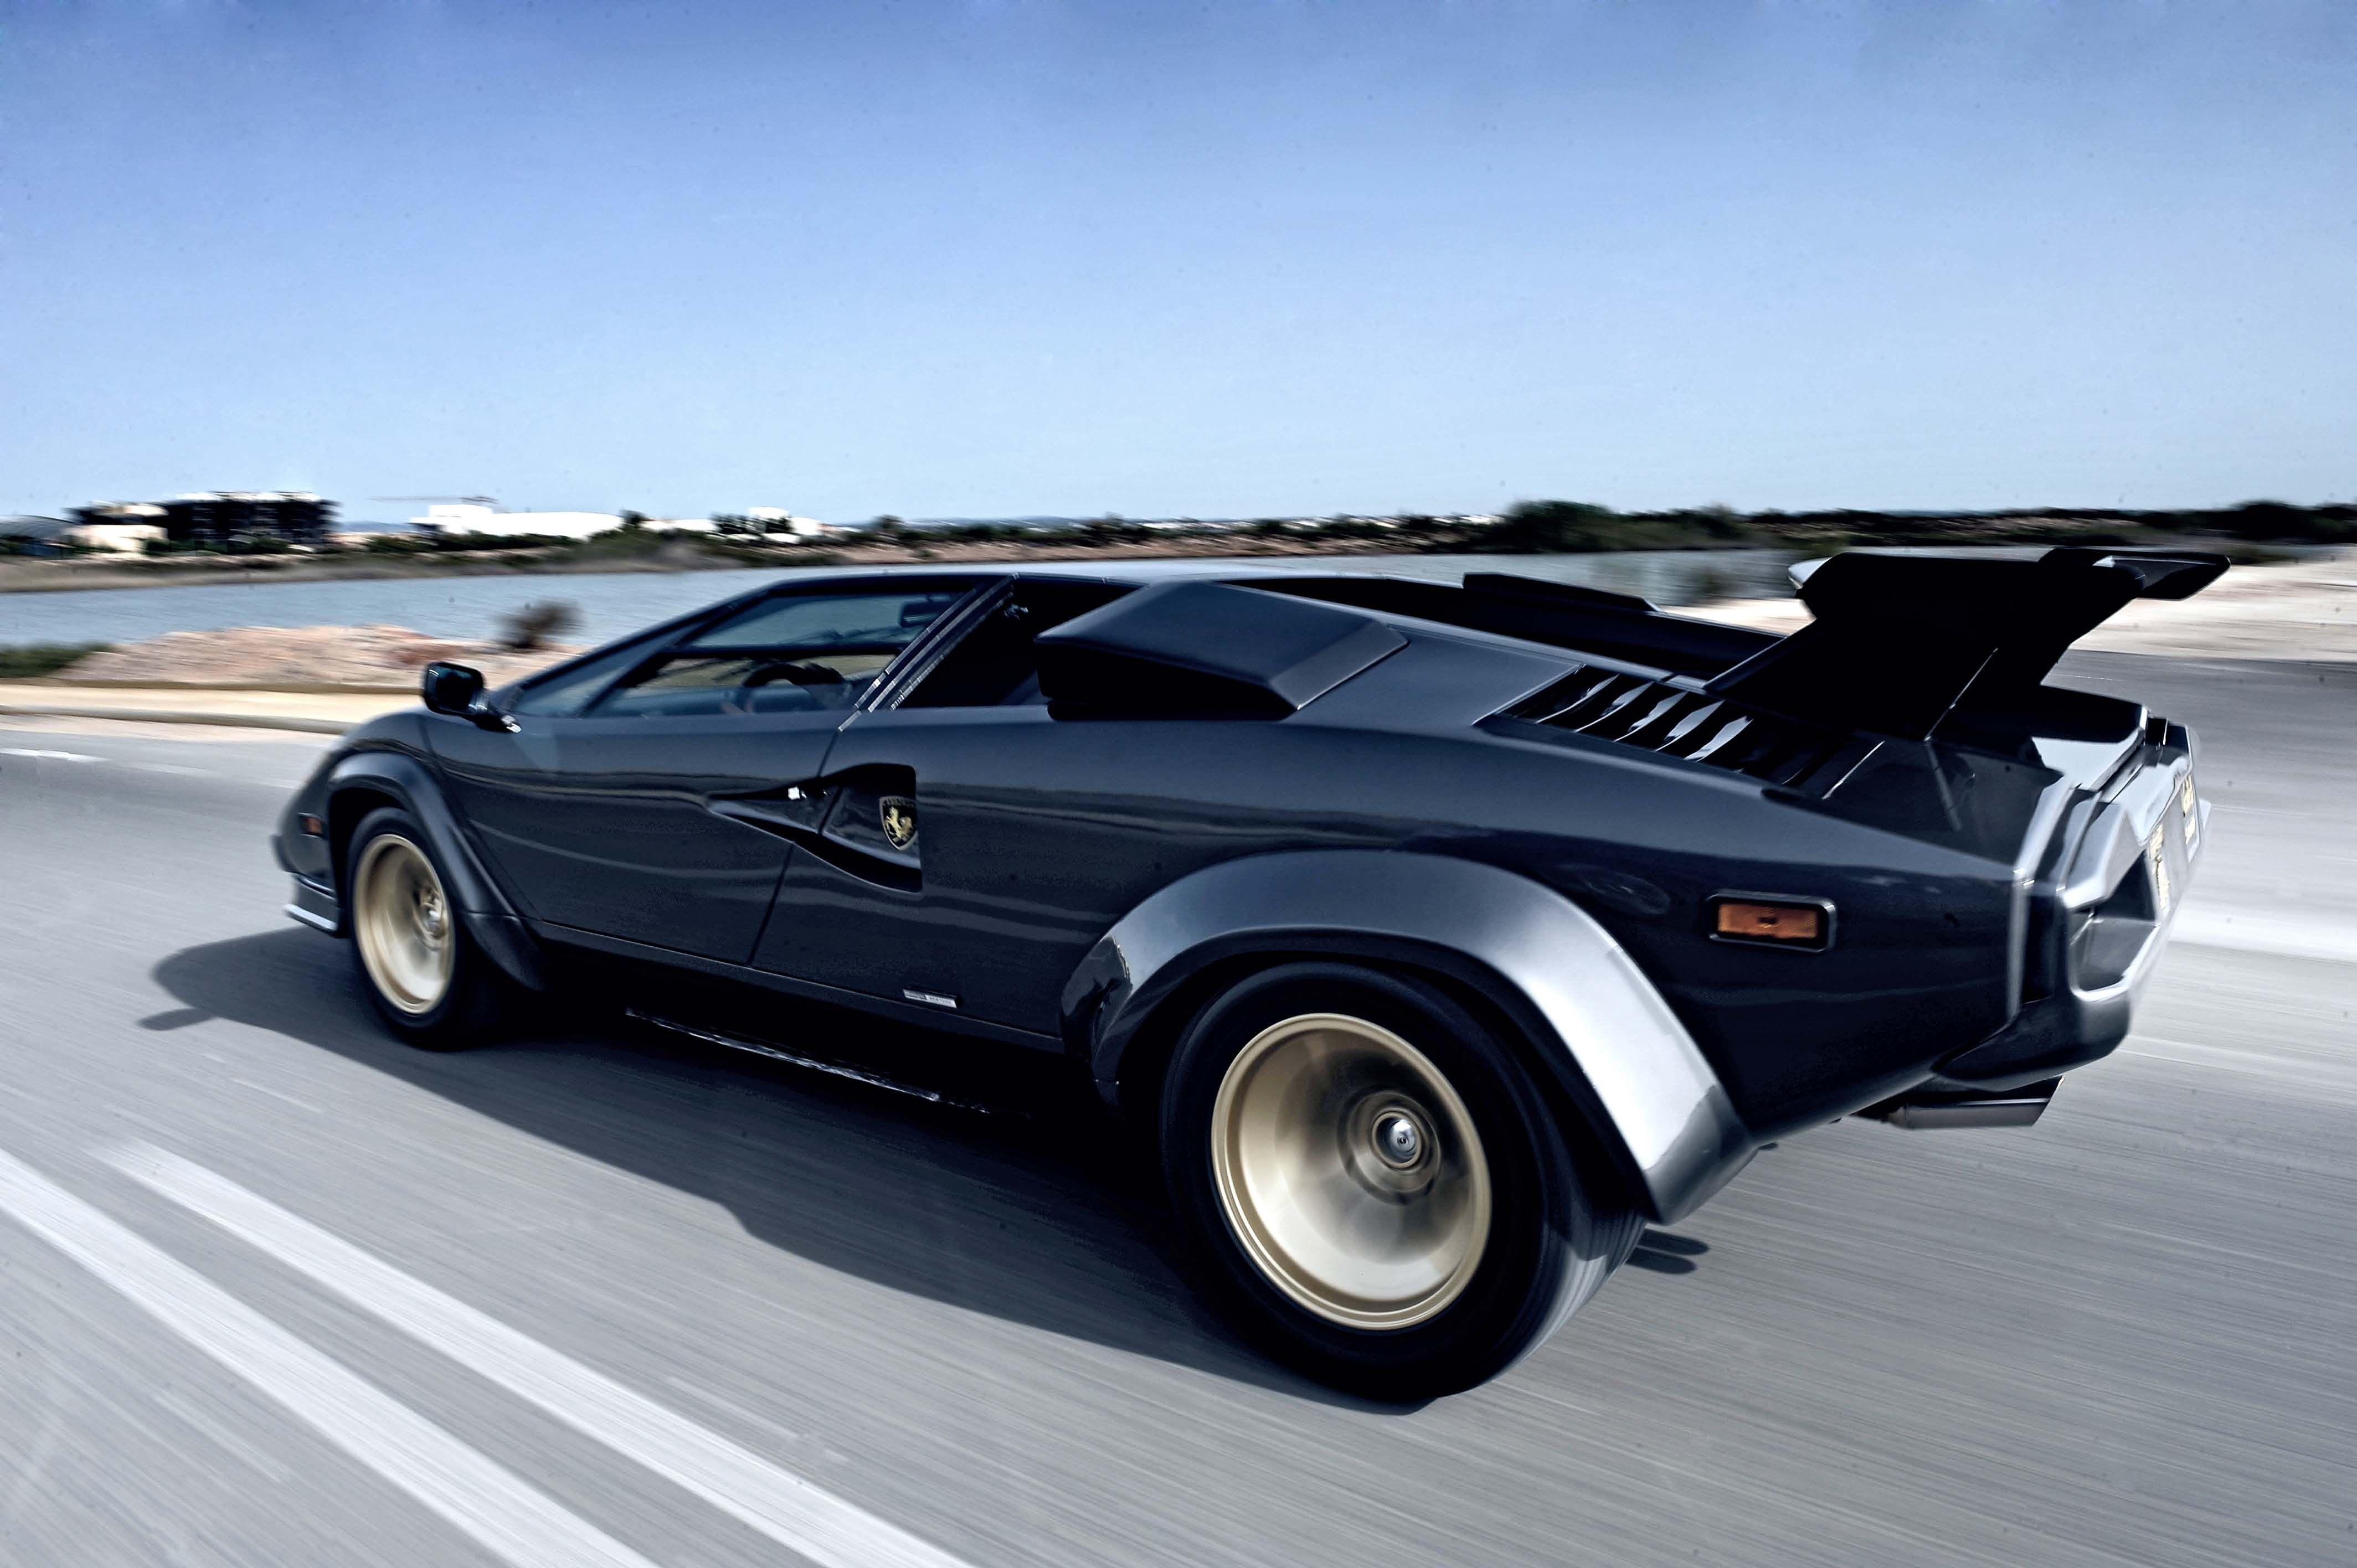 40eede33870d6e1223497f7e62289c3b Extraordinary Lamborghini Countach 5000 Quattrovalvole Specs Cars Trend